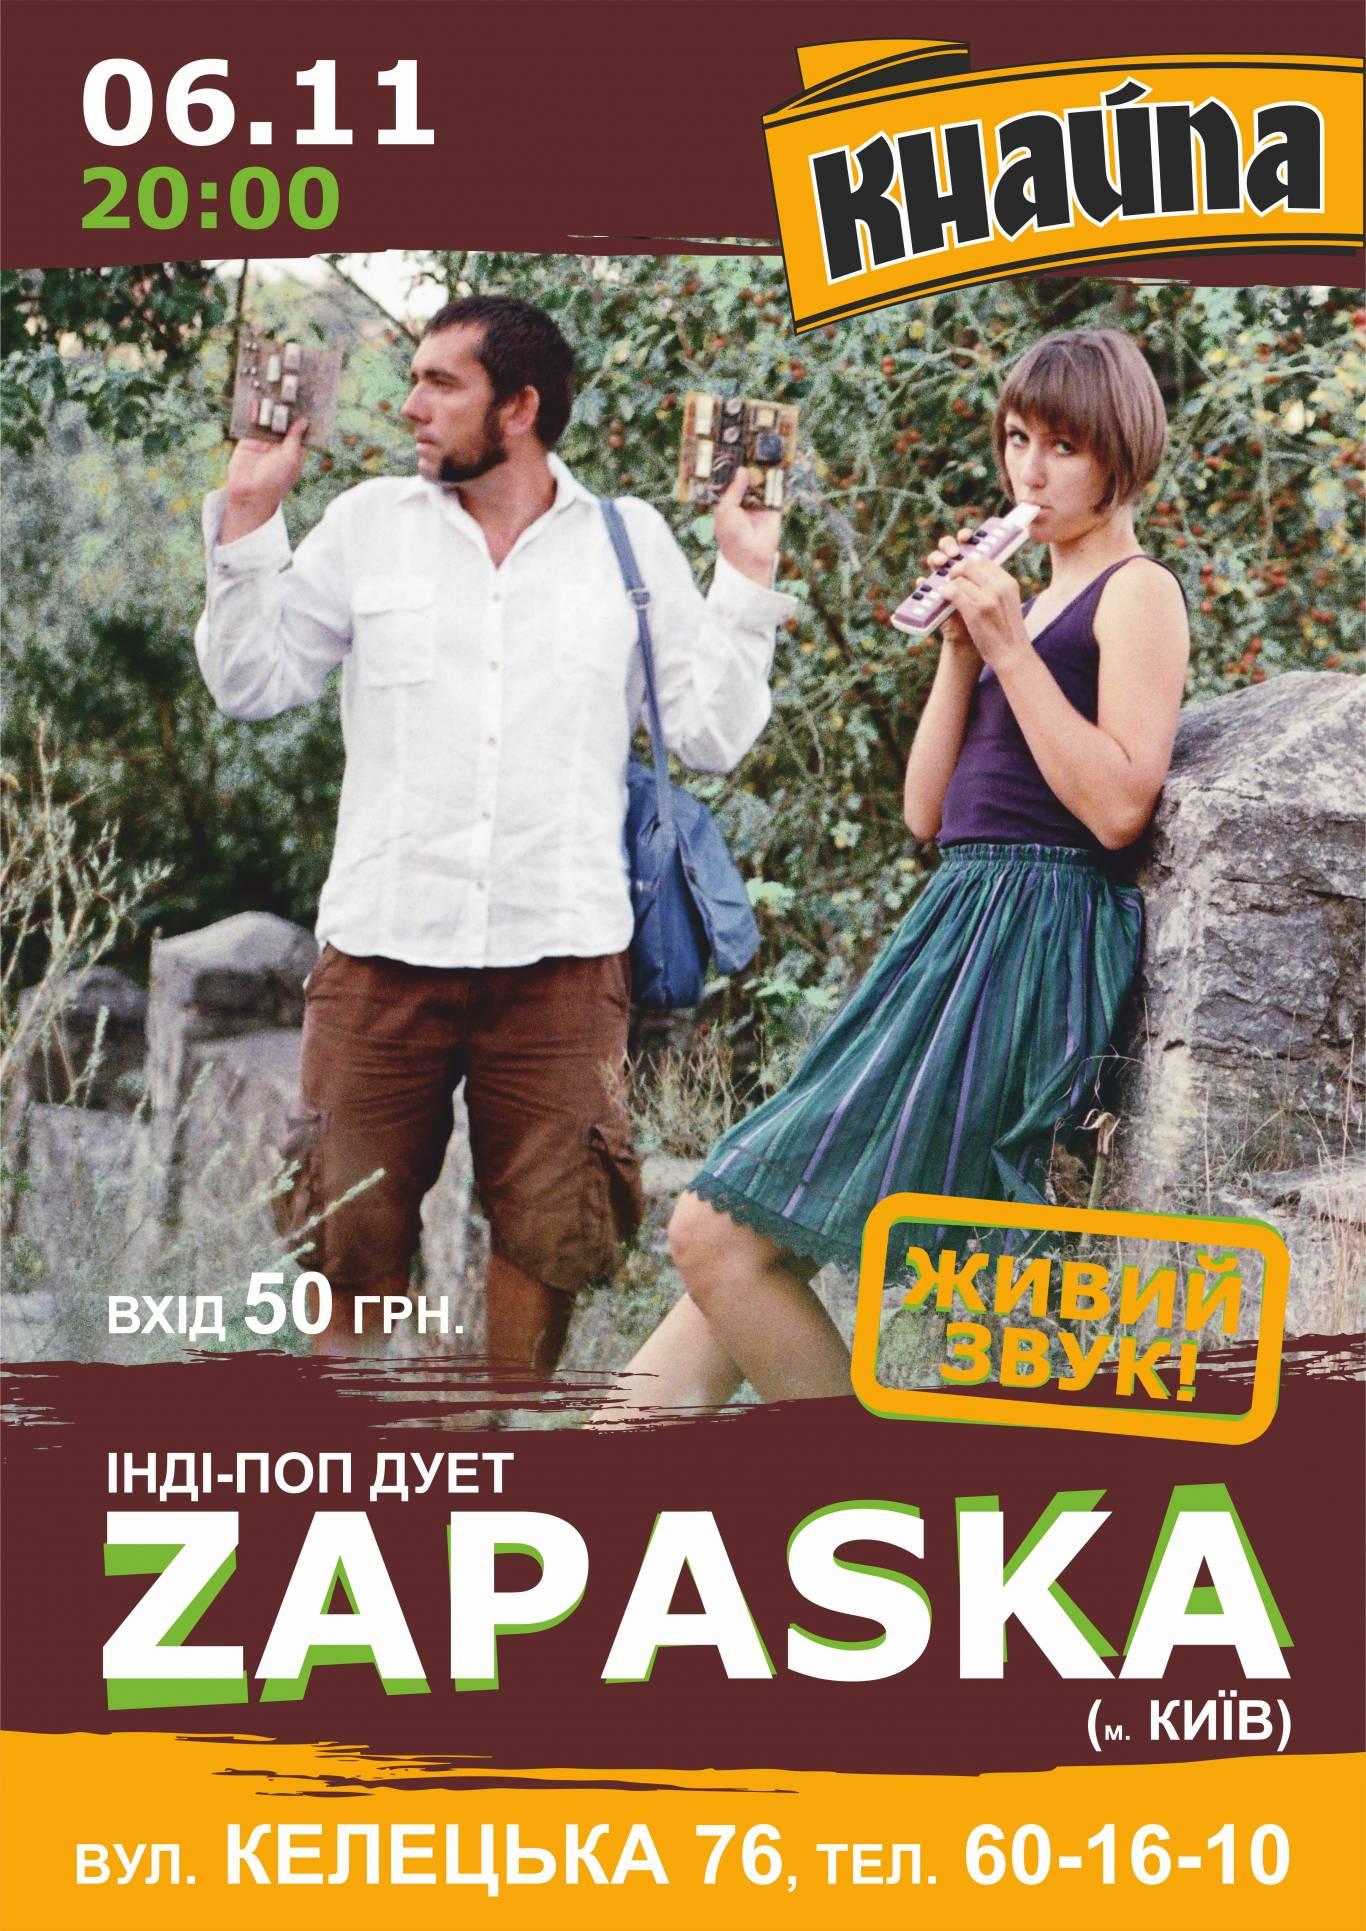 Концерт від інді-поп дуету «Zapaska»